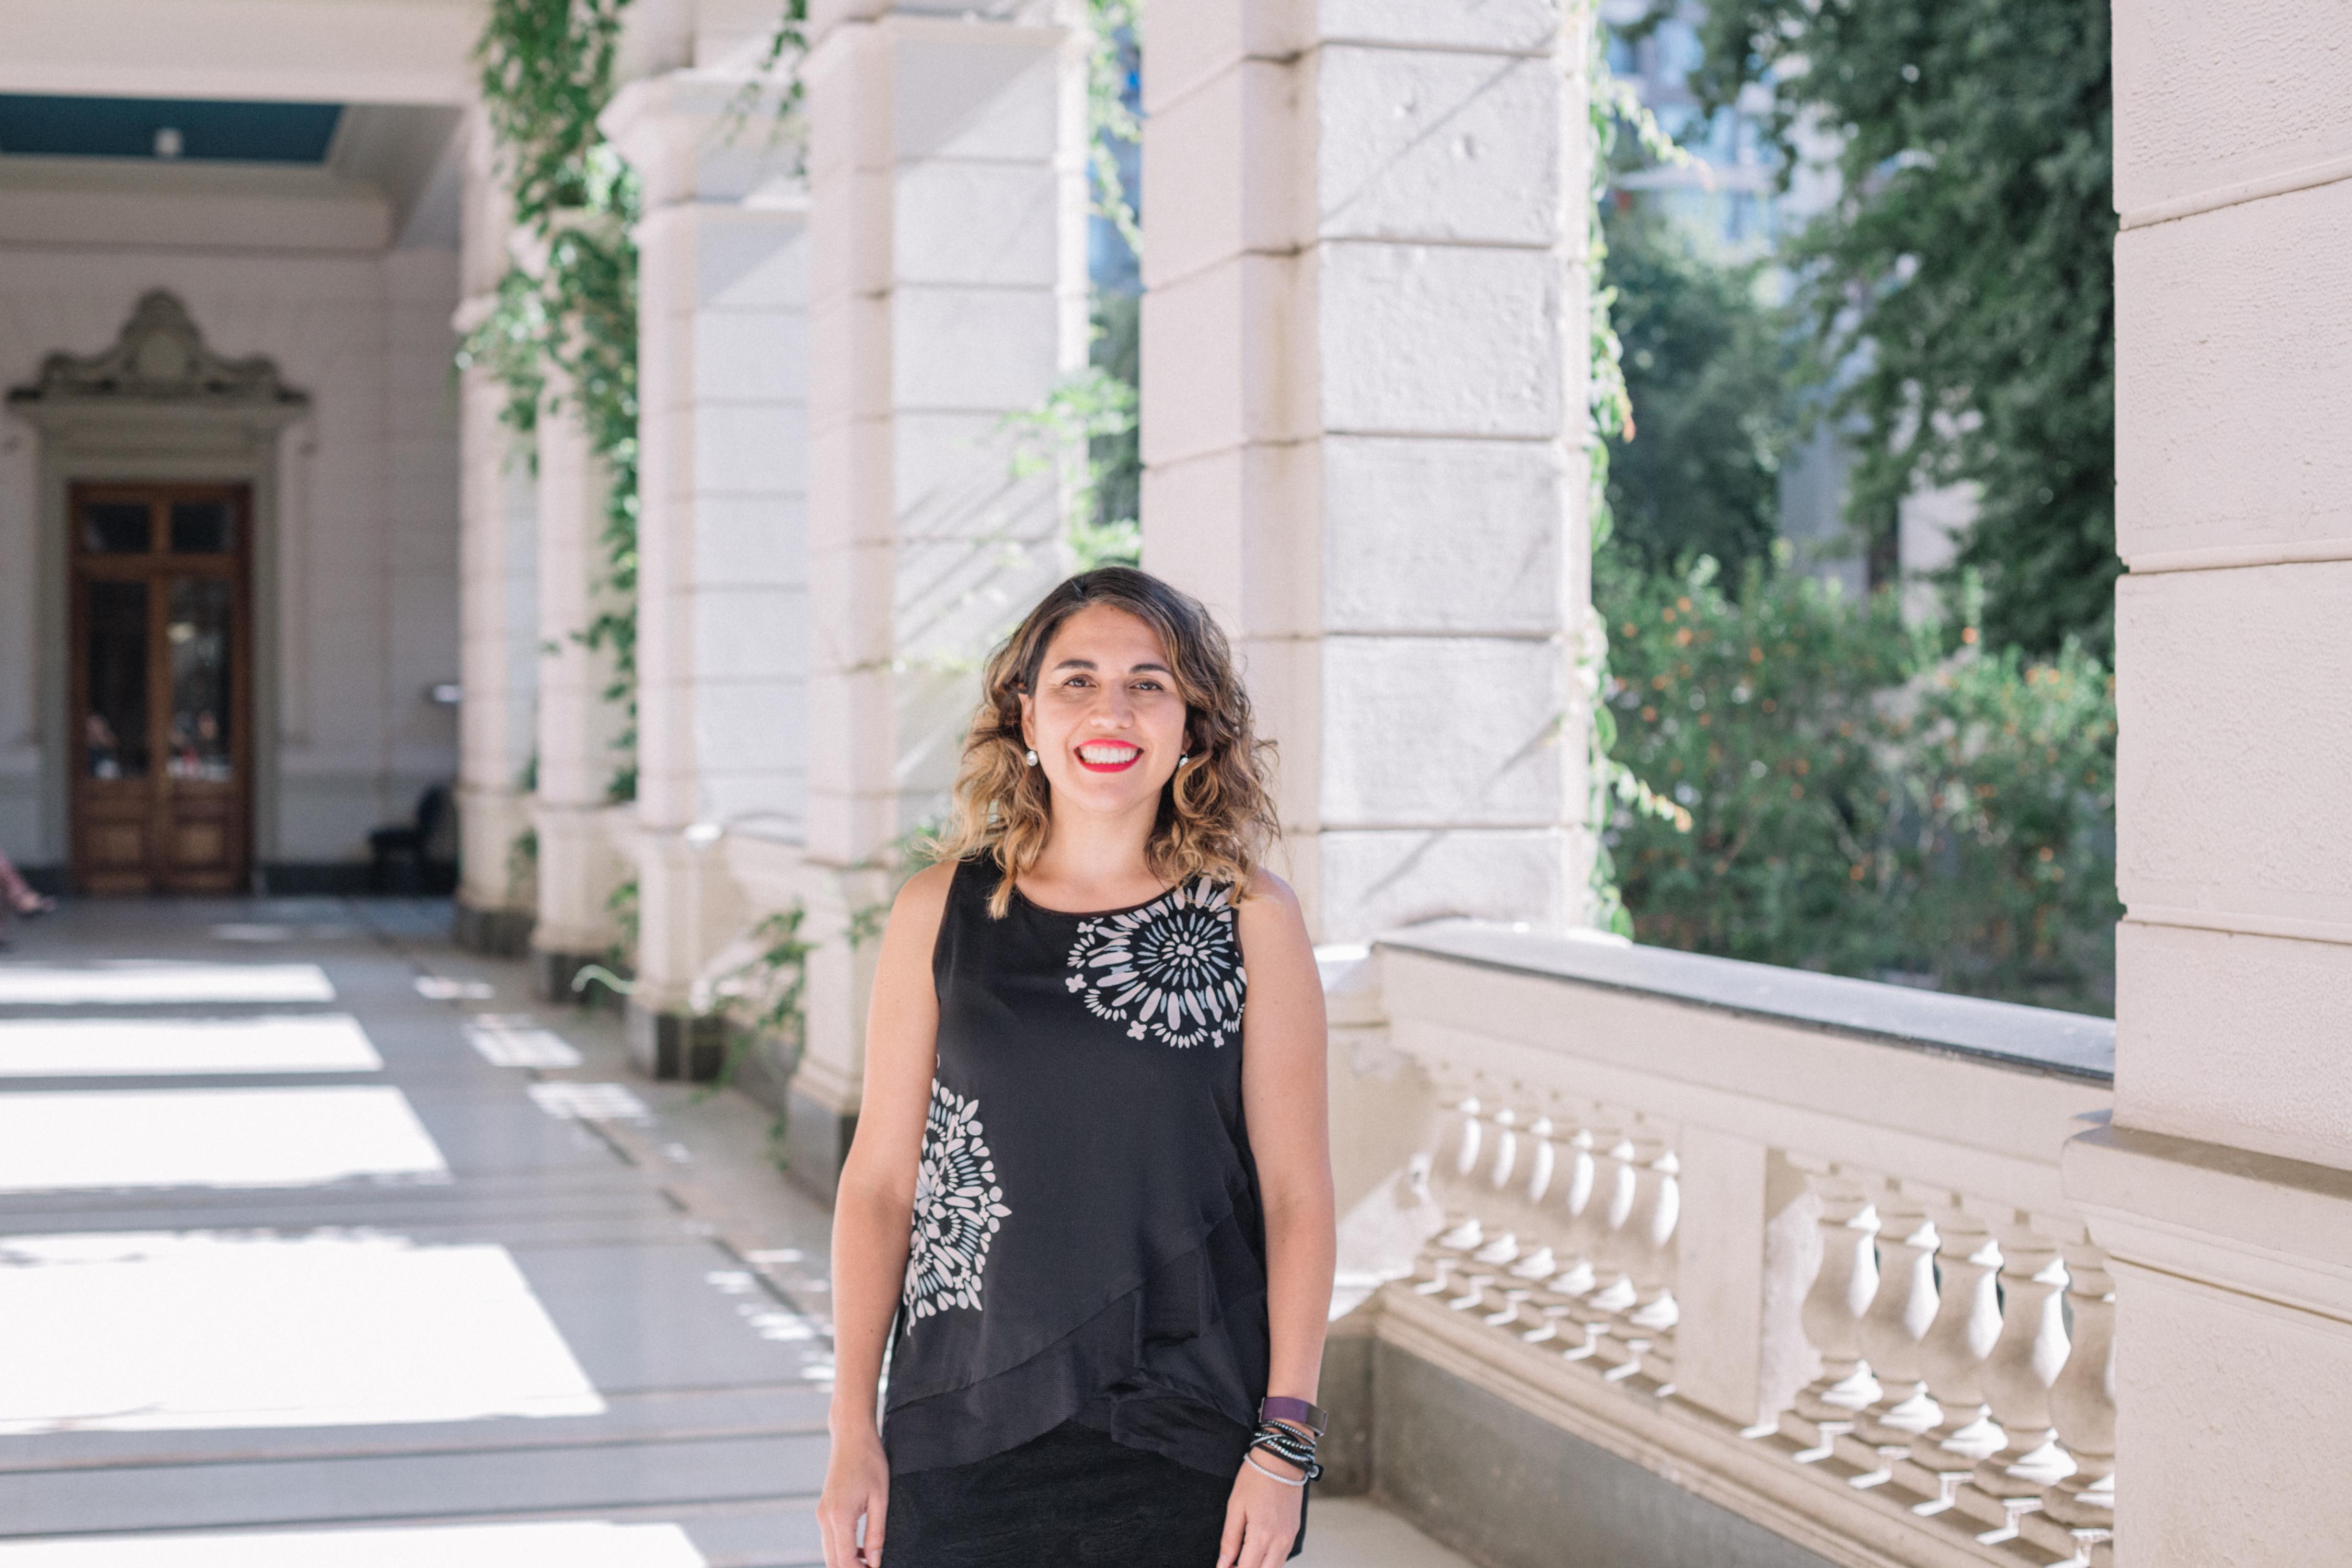 Bárbara Poblete doctora en Computación de la Universidad Pompeu Fabra de Barcelona y actualmente es Académica en el Departamento de Ciencias de Computación de la Escuela de Ingeniería de la Universidad de Chile.